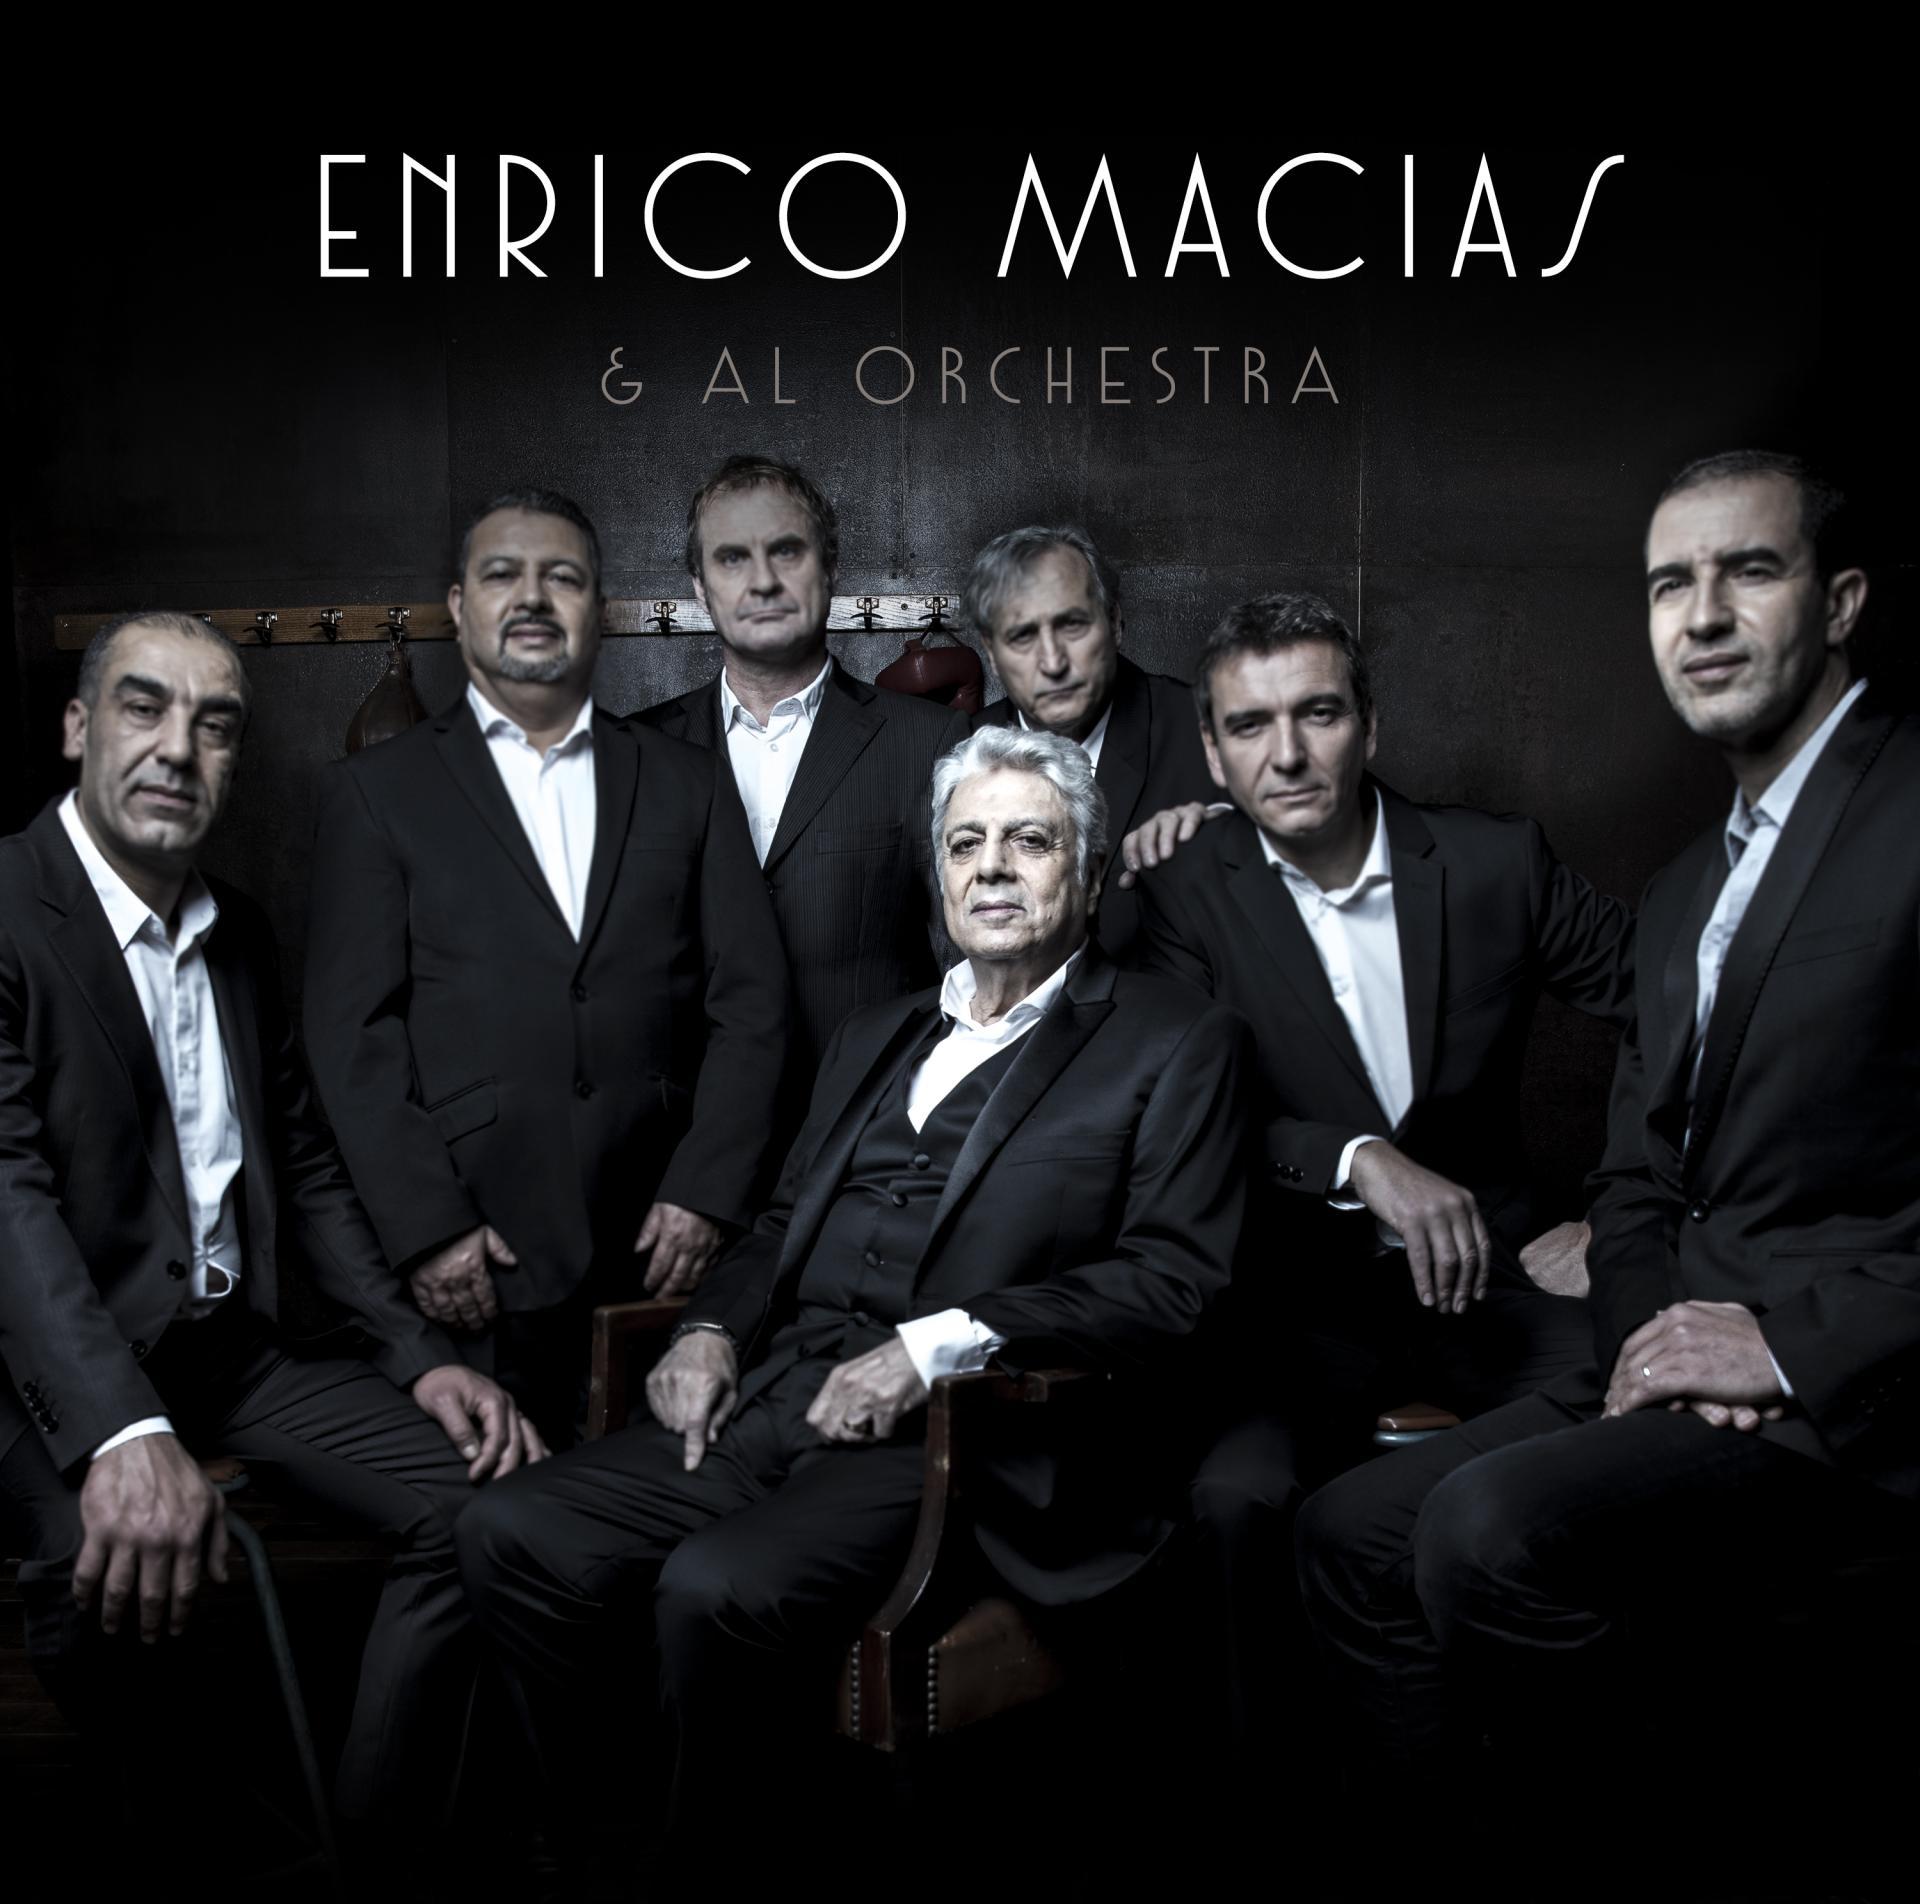 Enrico macias cover hd